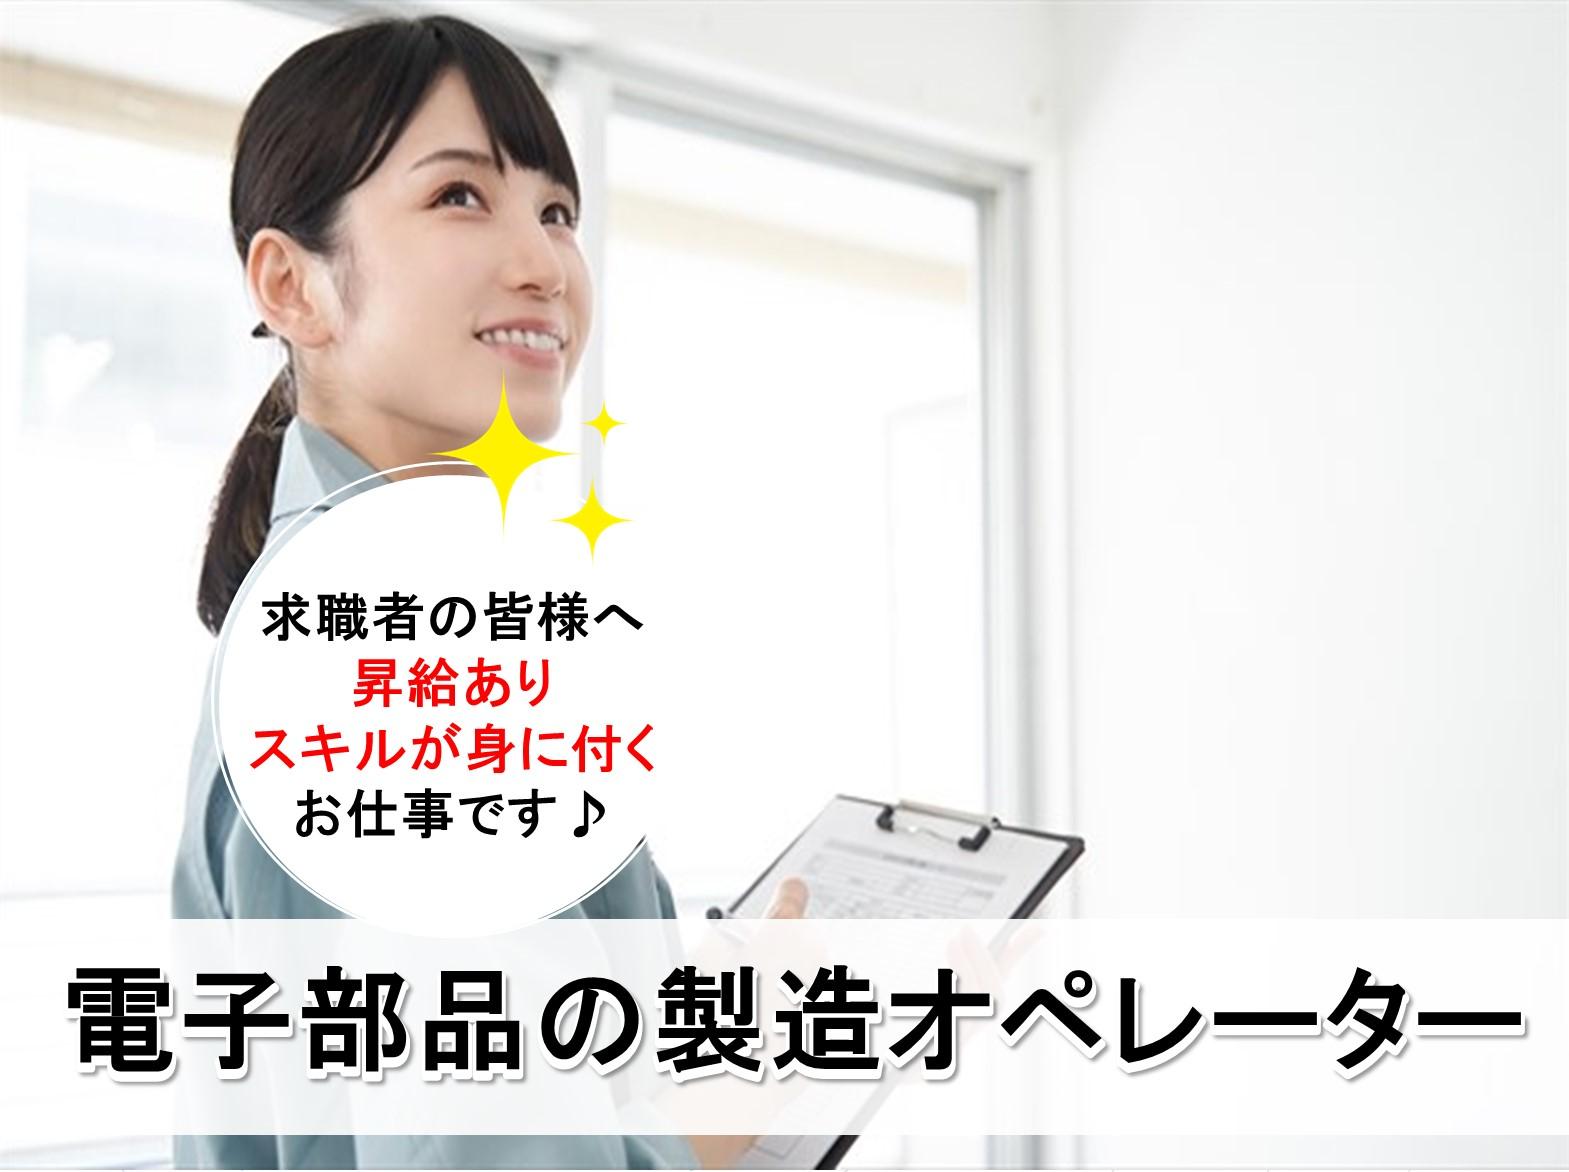 【昇給制度あり】スキルが身に付く!電子部品の製造オペレーター イメージ